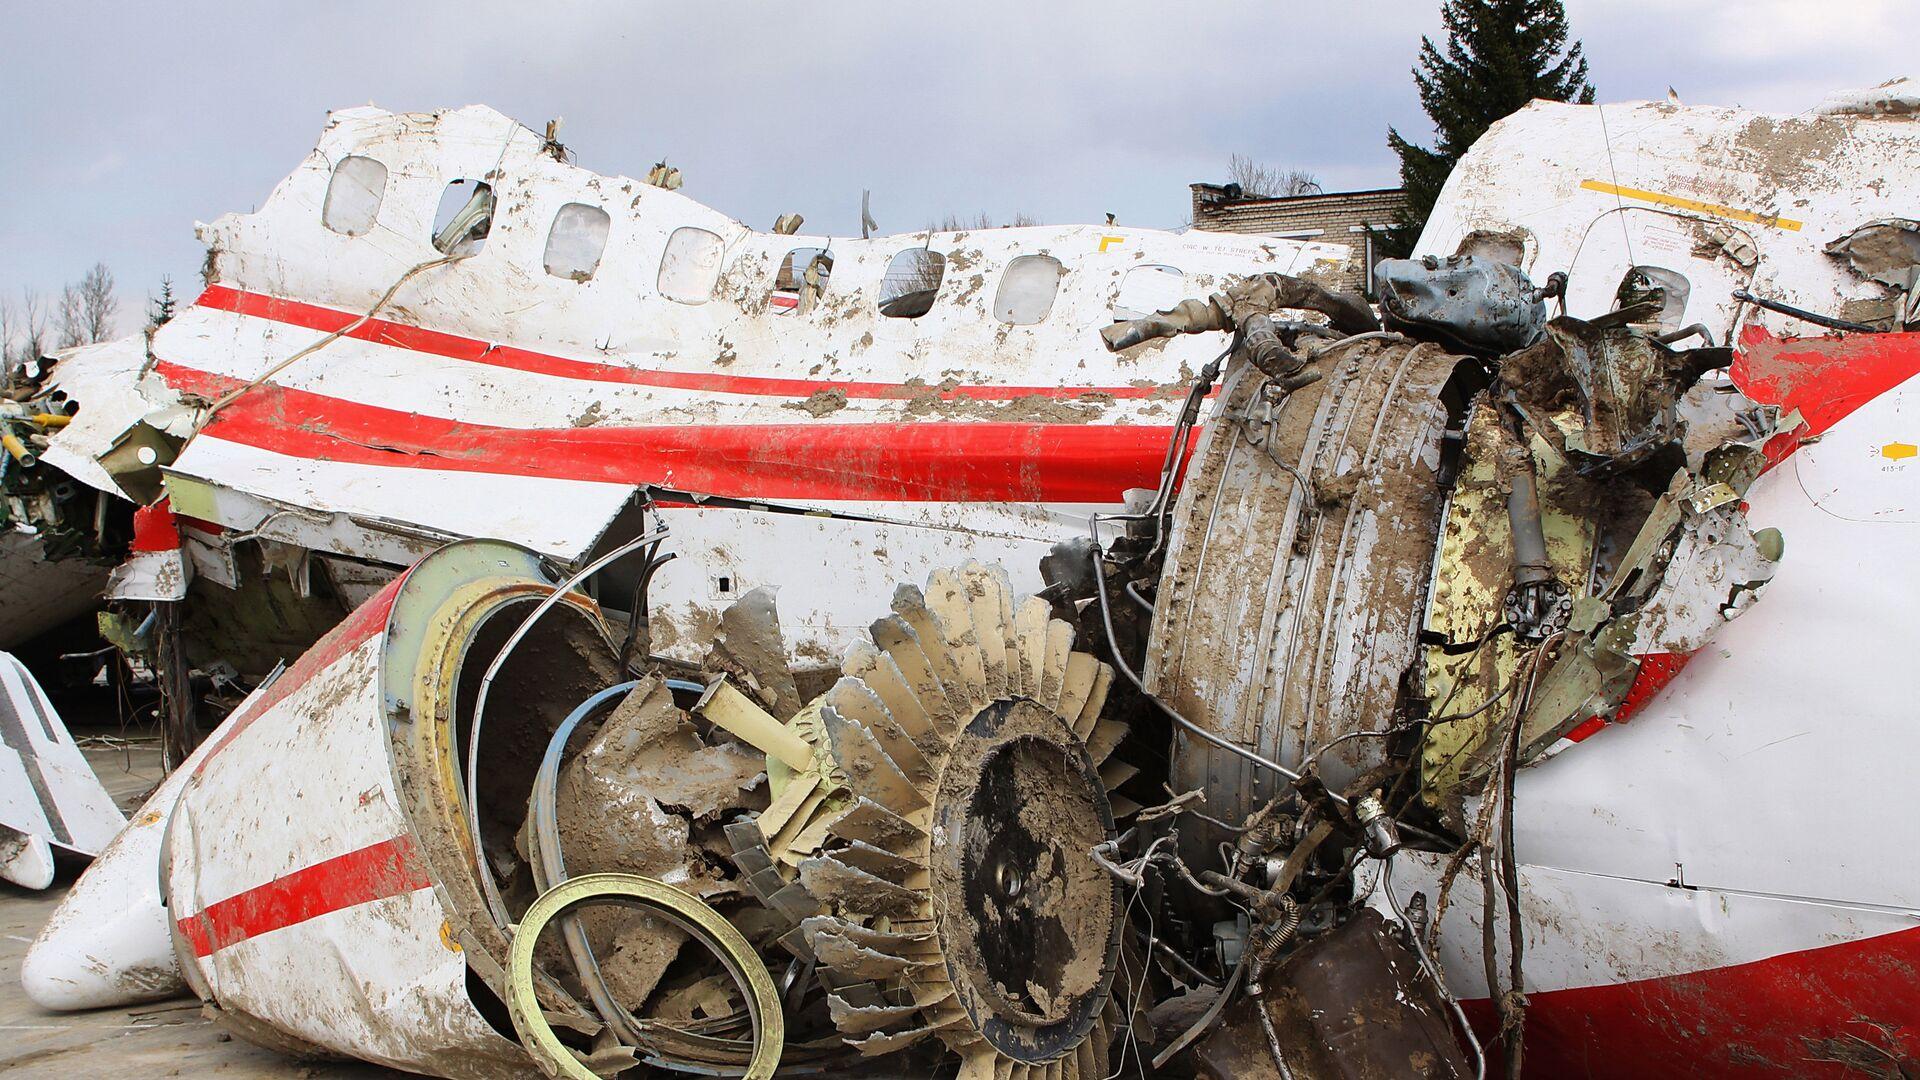 Обломки польского правительственного самолета Ту-154 на охраняемой площадке аэродрома в Смоленске - РИА Новости, 1920, 17.09.2020